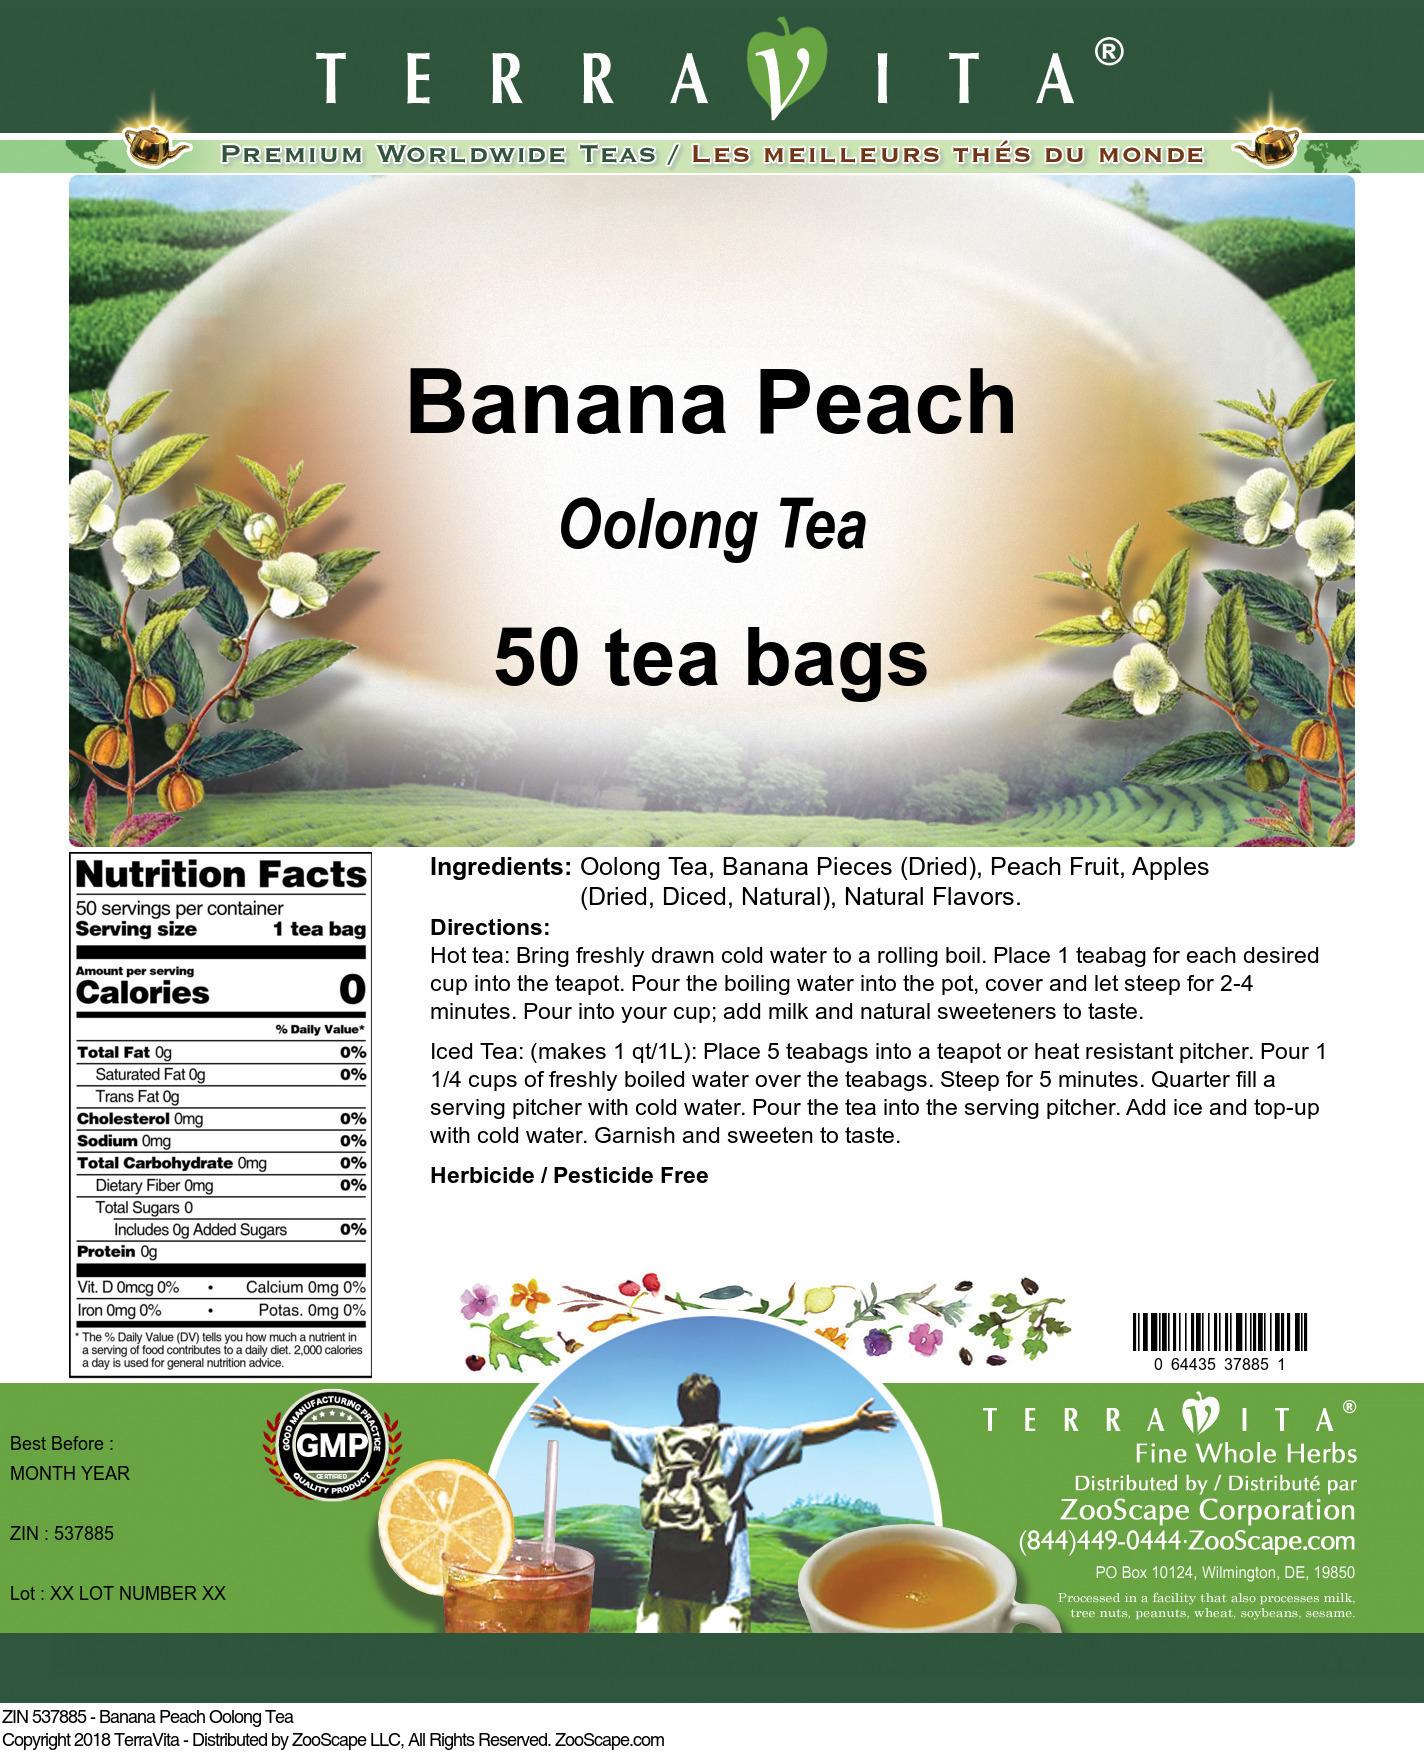 Banana Peach Oolong Tea